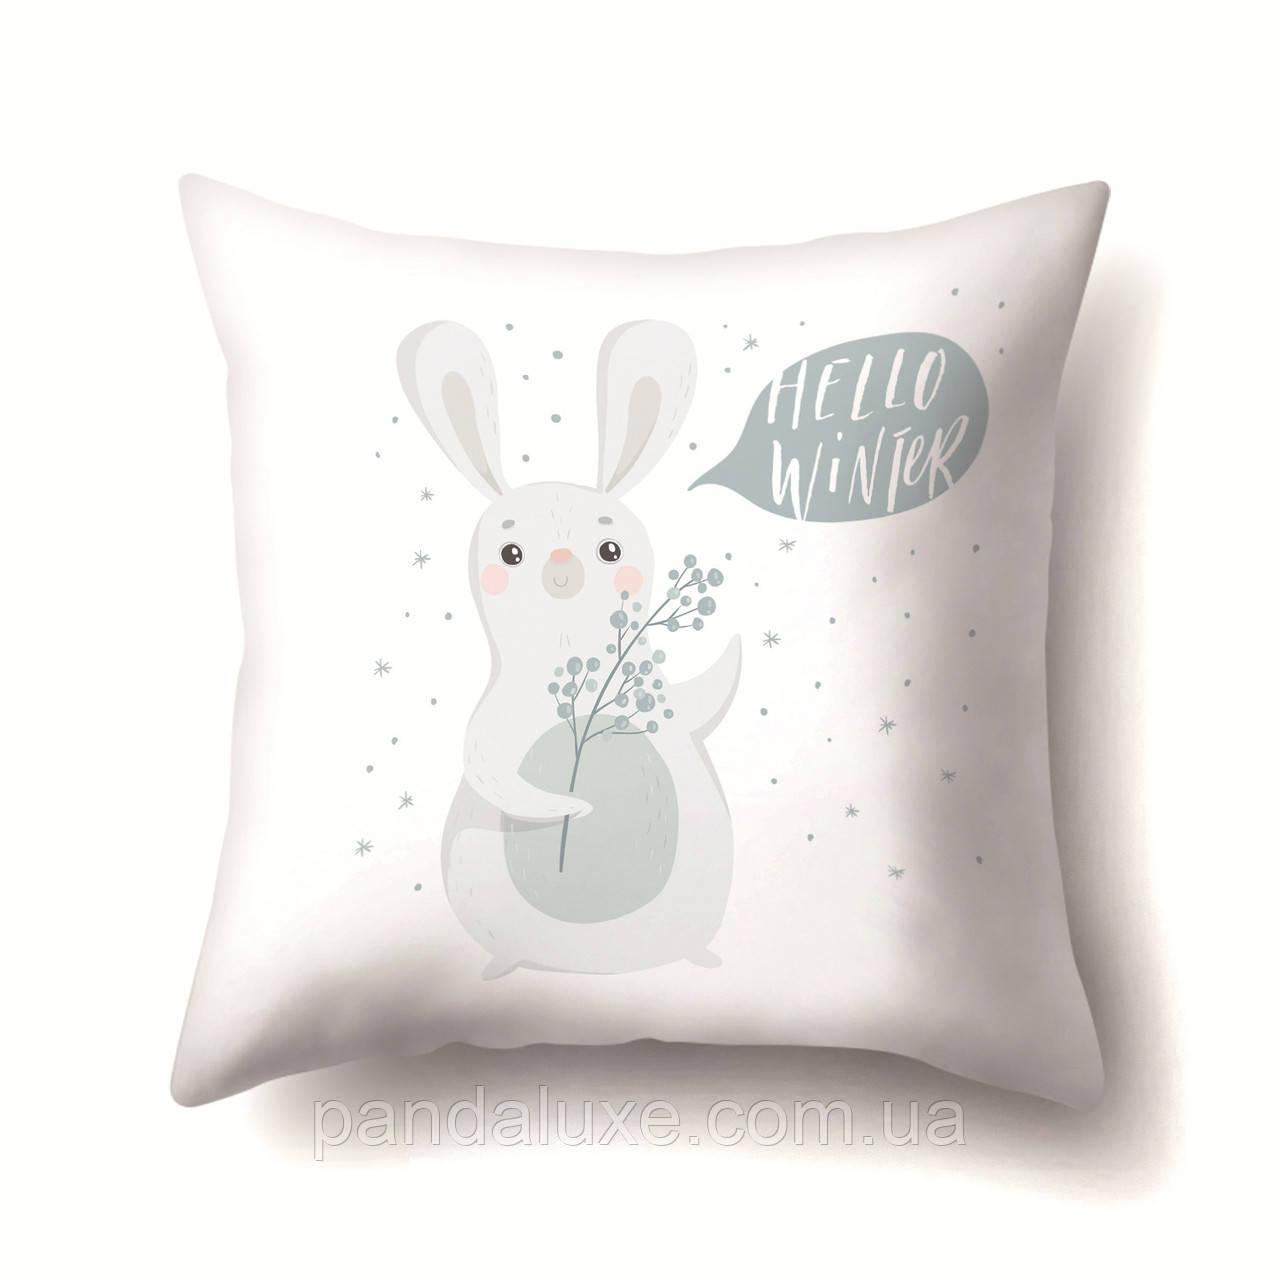 Подушка декоративная для дивана 45 х 45 см Привет Зима